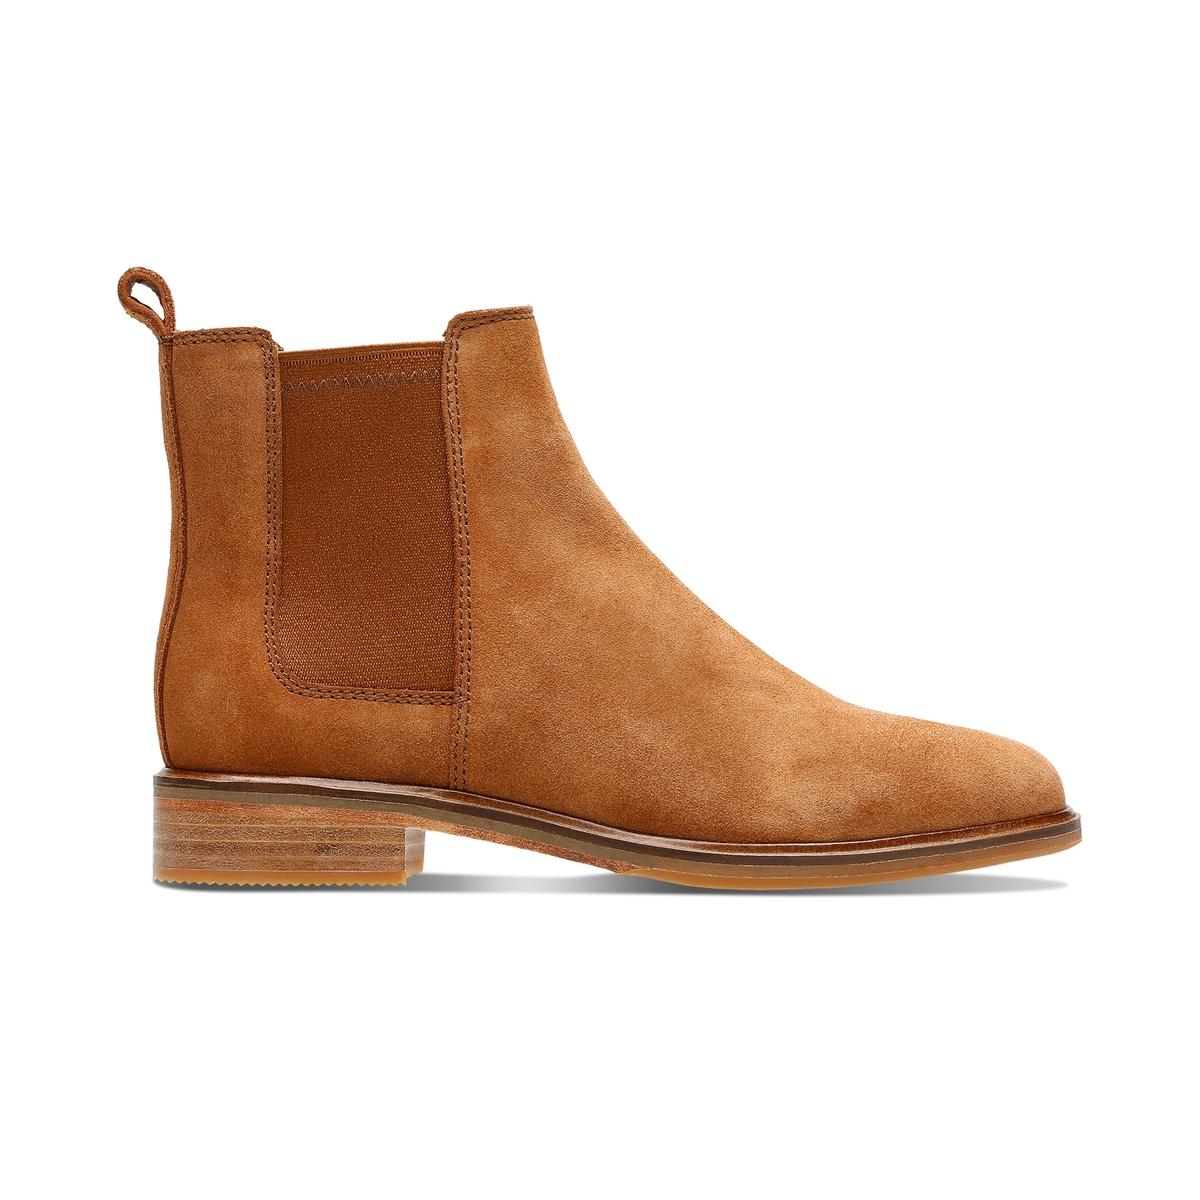 Ботильоны-челси из замшевой кожи Clarkdale Arlo ботинки челси кожаные clarkdale gobi